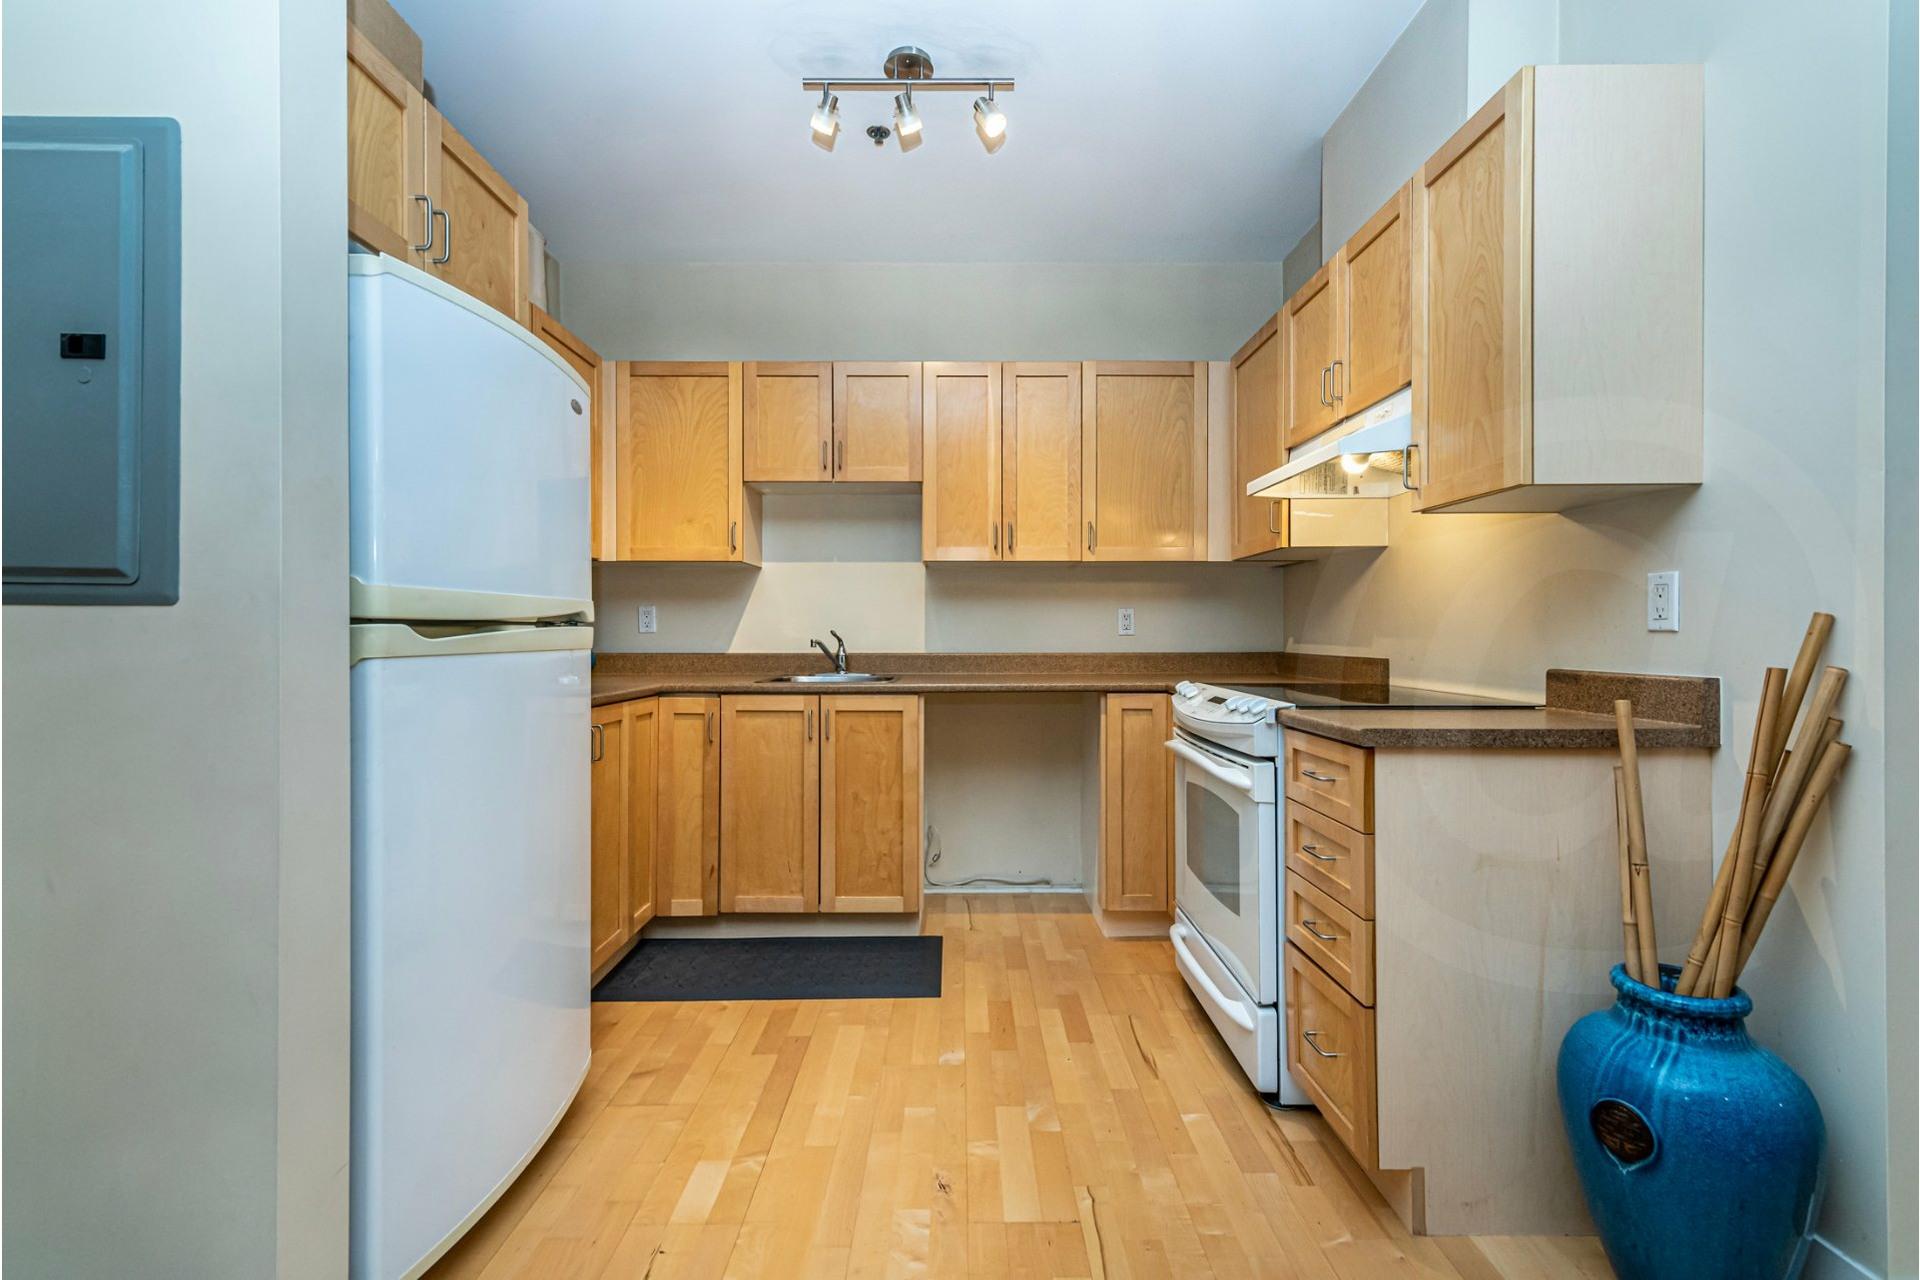 image 6 - Appartement À vendre Lachine Montréal  - 4 pièces